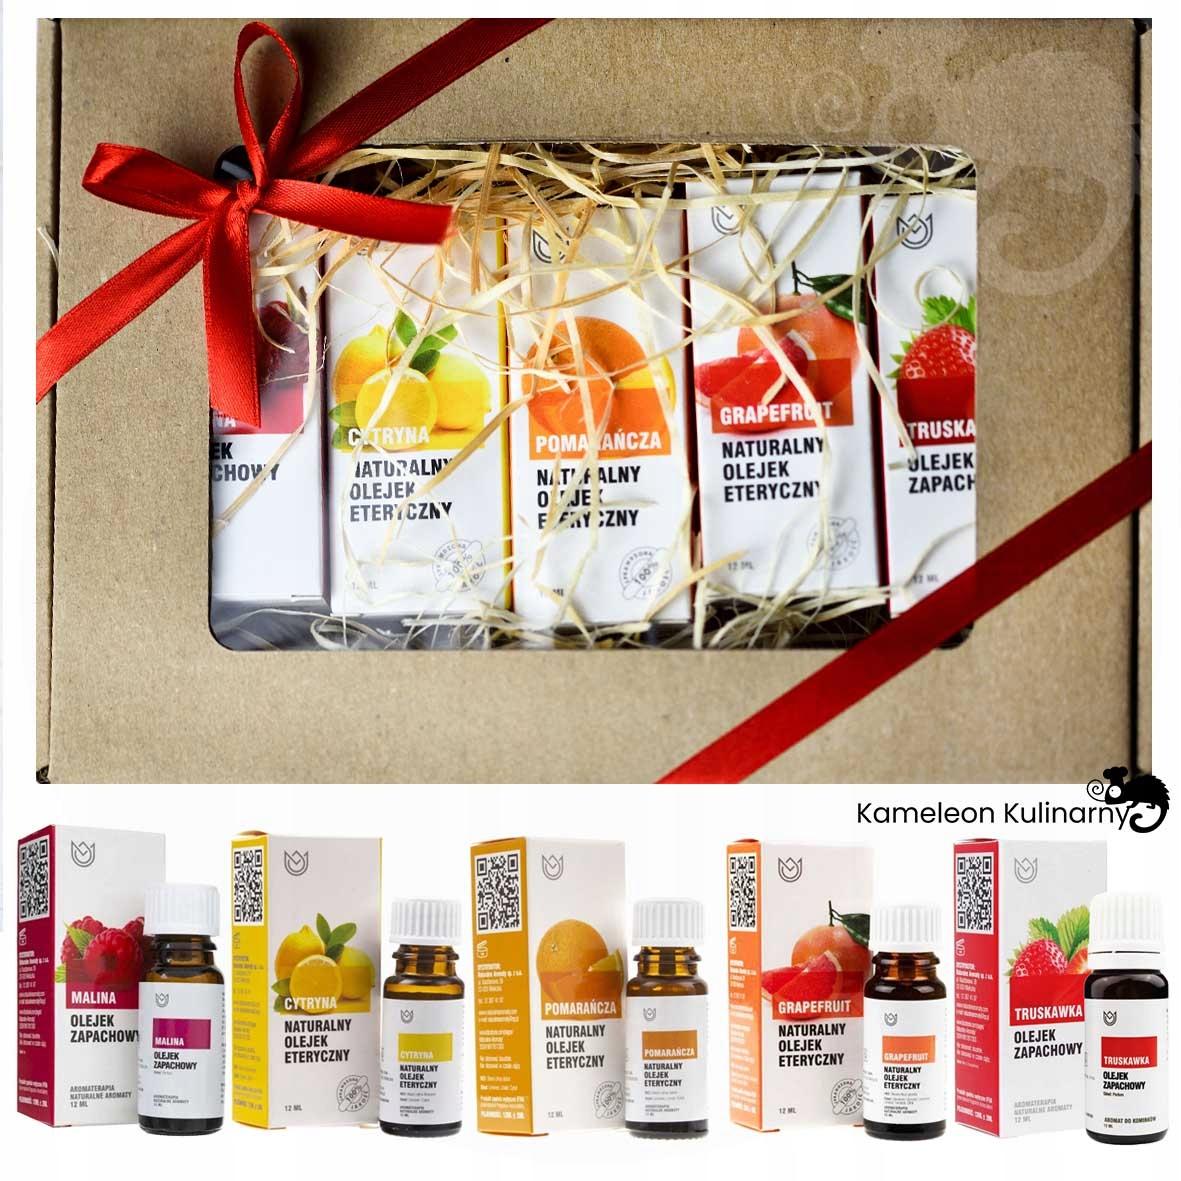 NATURALNE I ZAPACHOWE OLEJKI ETERYCZNE zestaw 5szt Kod producenta aromaterapia olejek zapachowy ZESTAW